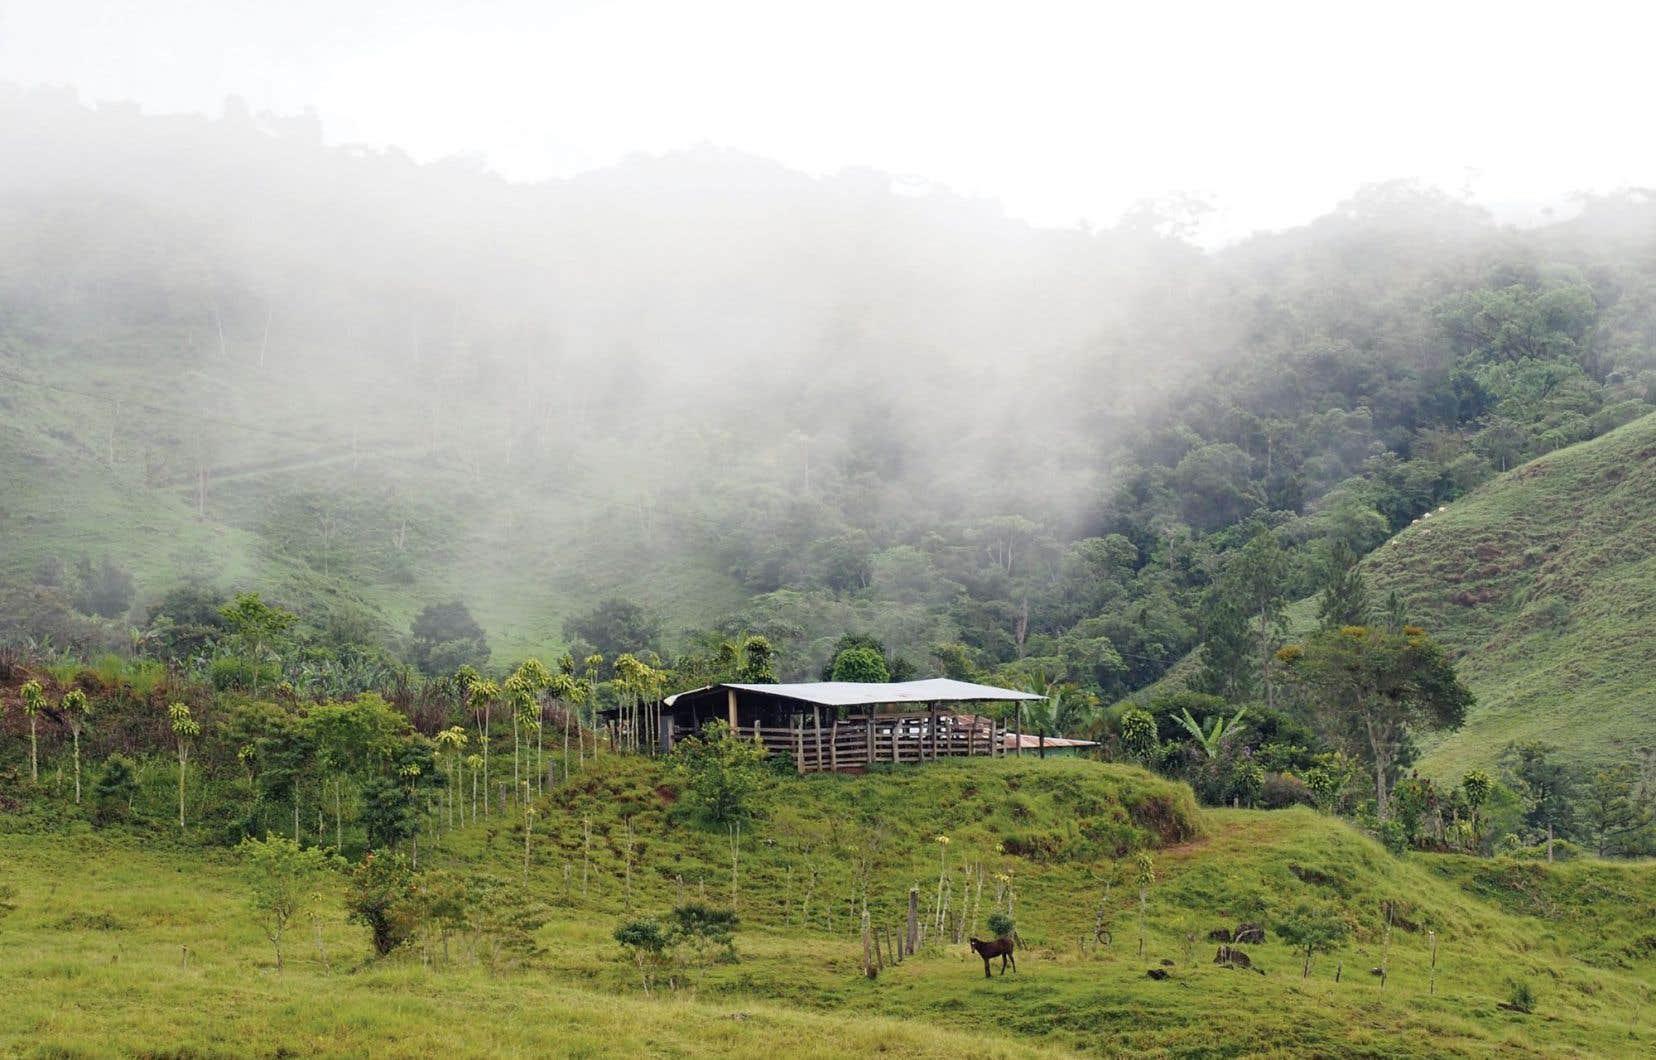 Avant même d'arriver à la station biologique d'Altamira, porte d'entrée dans le parc national La Amistad, les panoramas sont déjà enveloppés de nuages.